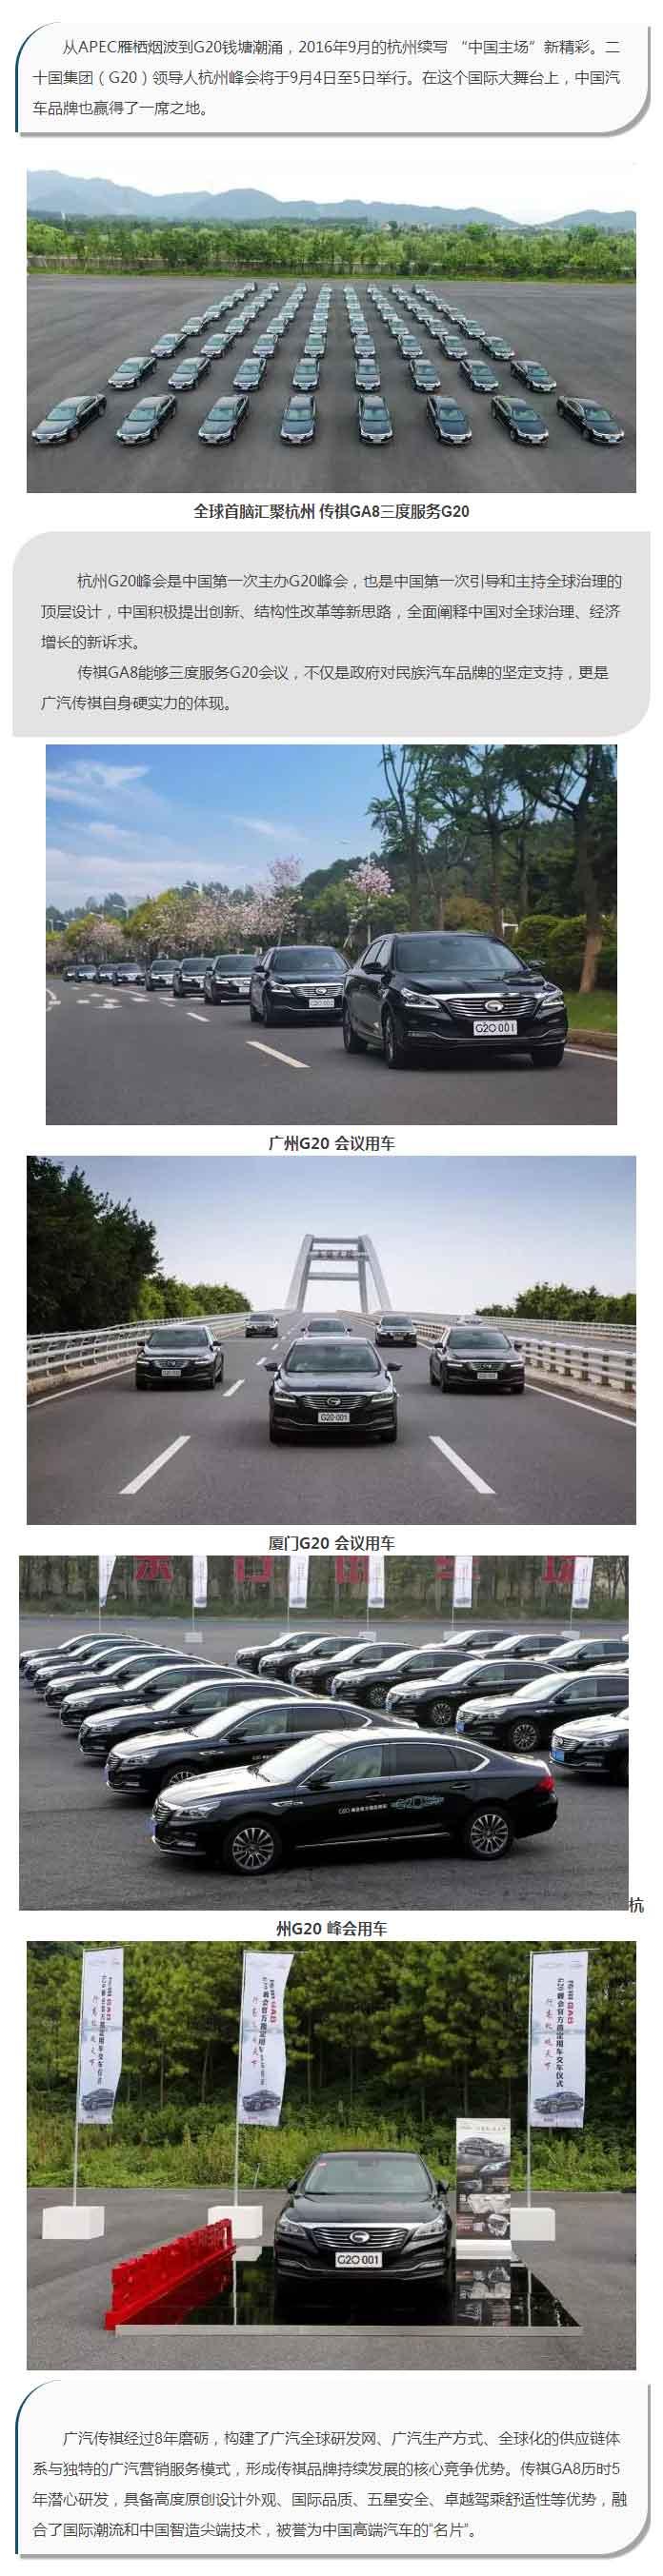 杭州g20峰会一触即发,传祺ga8再度展现国车